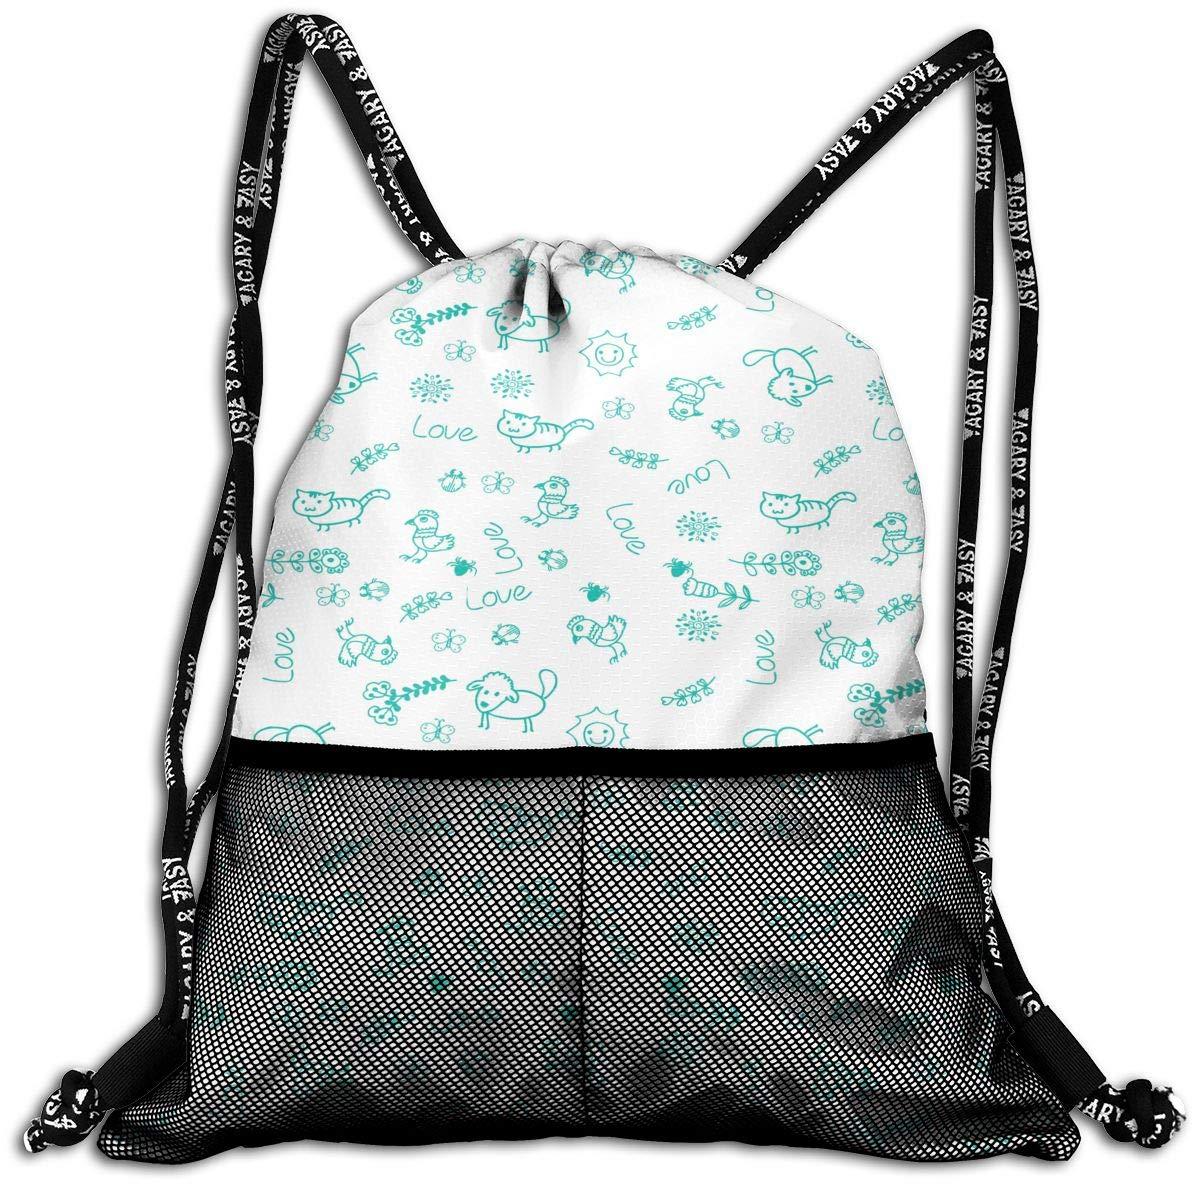 HUOPR5Q Flowers Drawstring Backpack Sport Gym Sack Shoulder Bulk Bag Dance Bag for School Travel